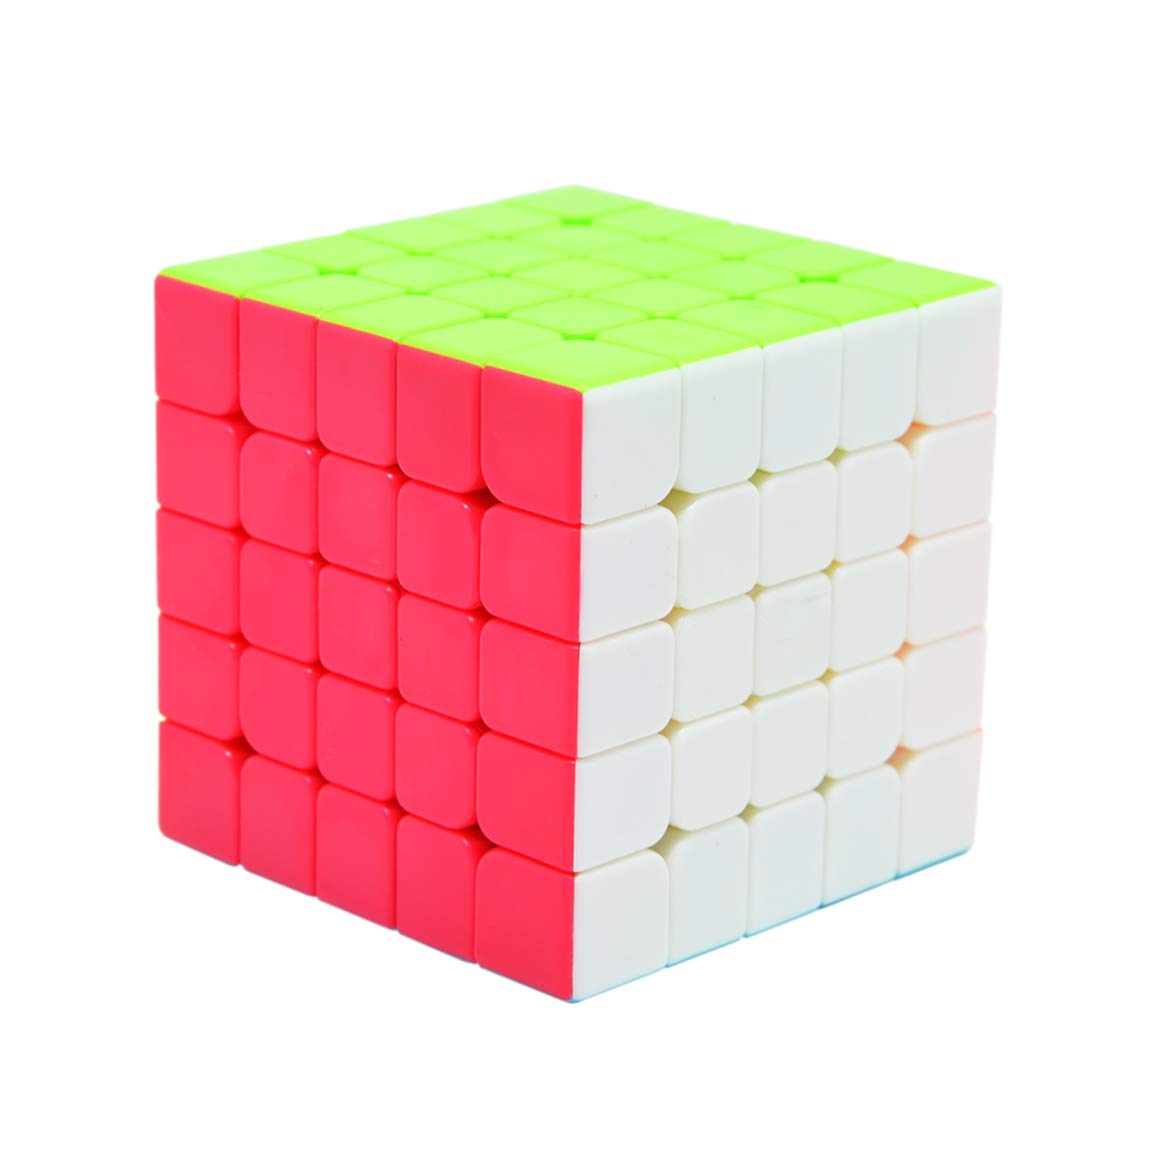 62mm 5x5 Velocidad Suave F/ácil de Girar Puzzle Cubo M/ágico para Entrenamiento Mental Dilwe Cubo de Velocidad